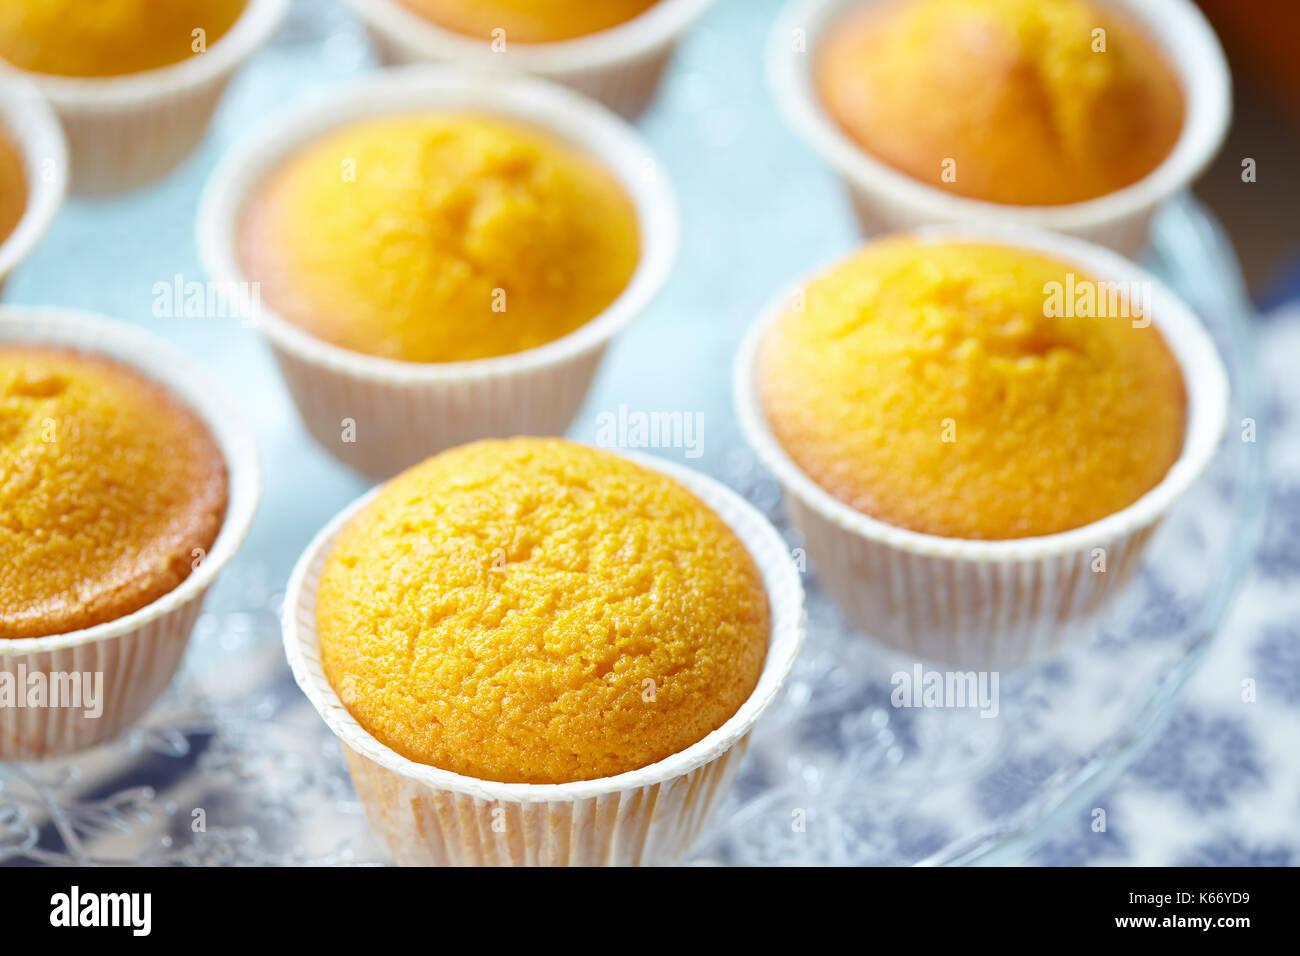 Acercamiento de la torta de stand con muffins italiana llamada Camilla, nade con zanahoria y almendras, el enfoque selectivo. Imagen De Stock